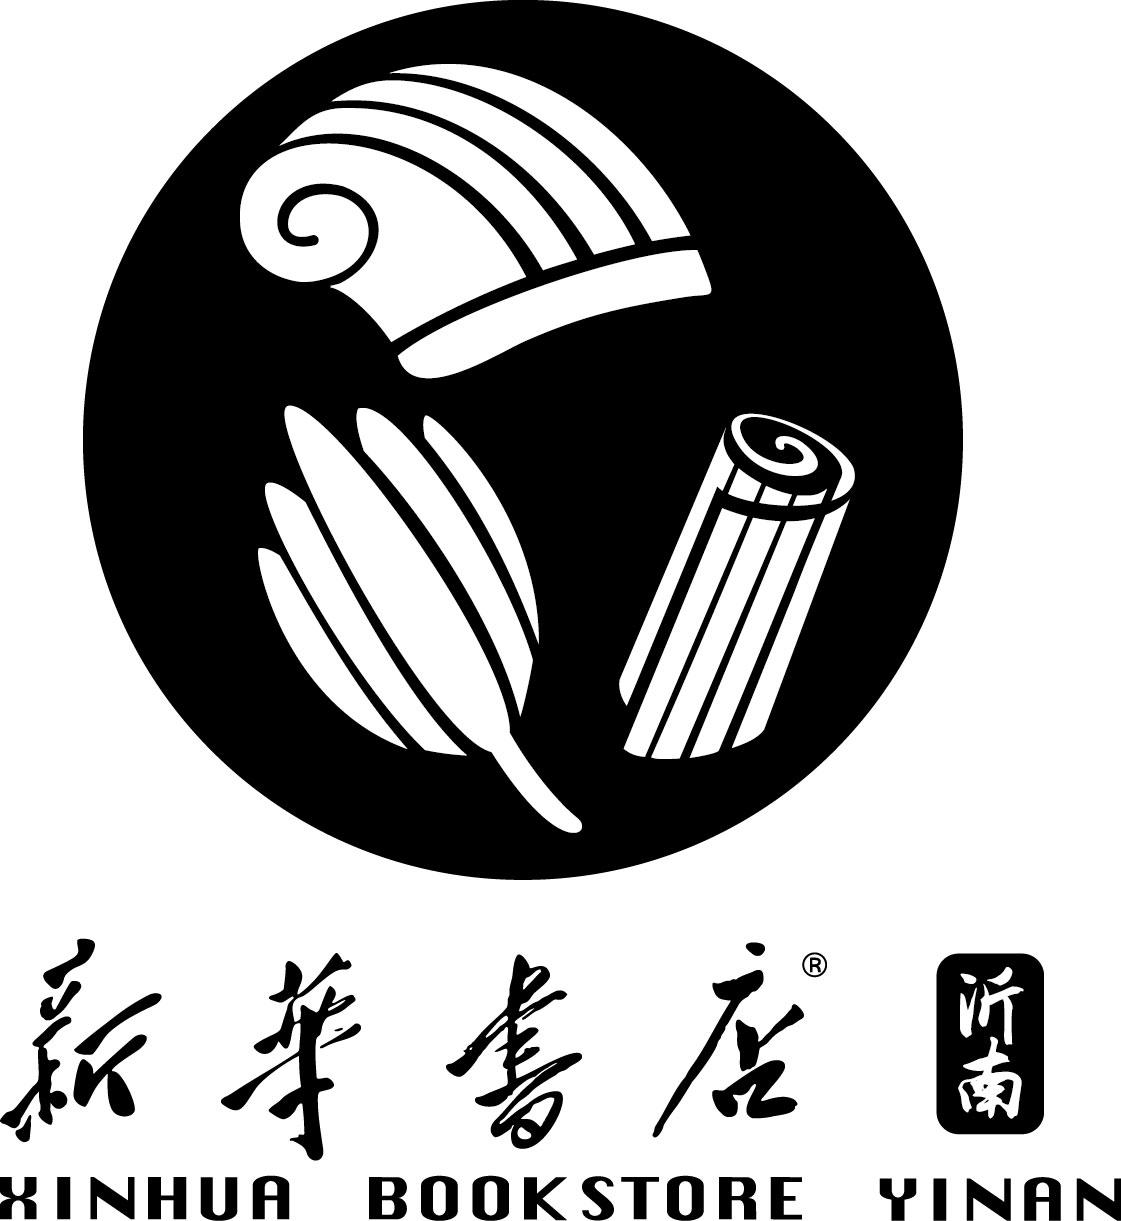 沂南新华书店新形象设计图片